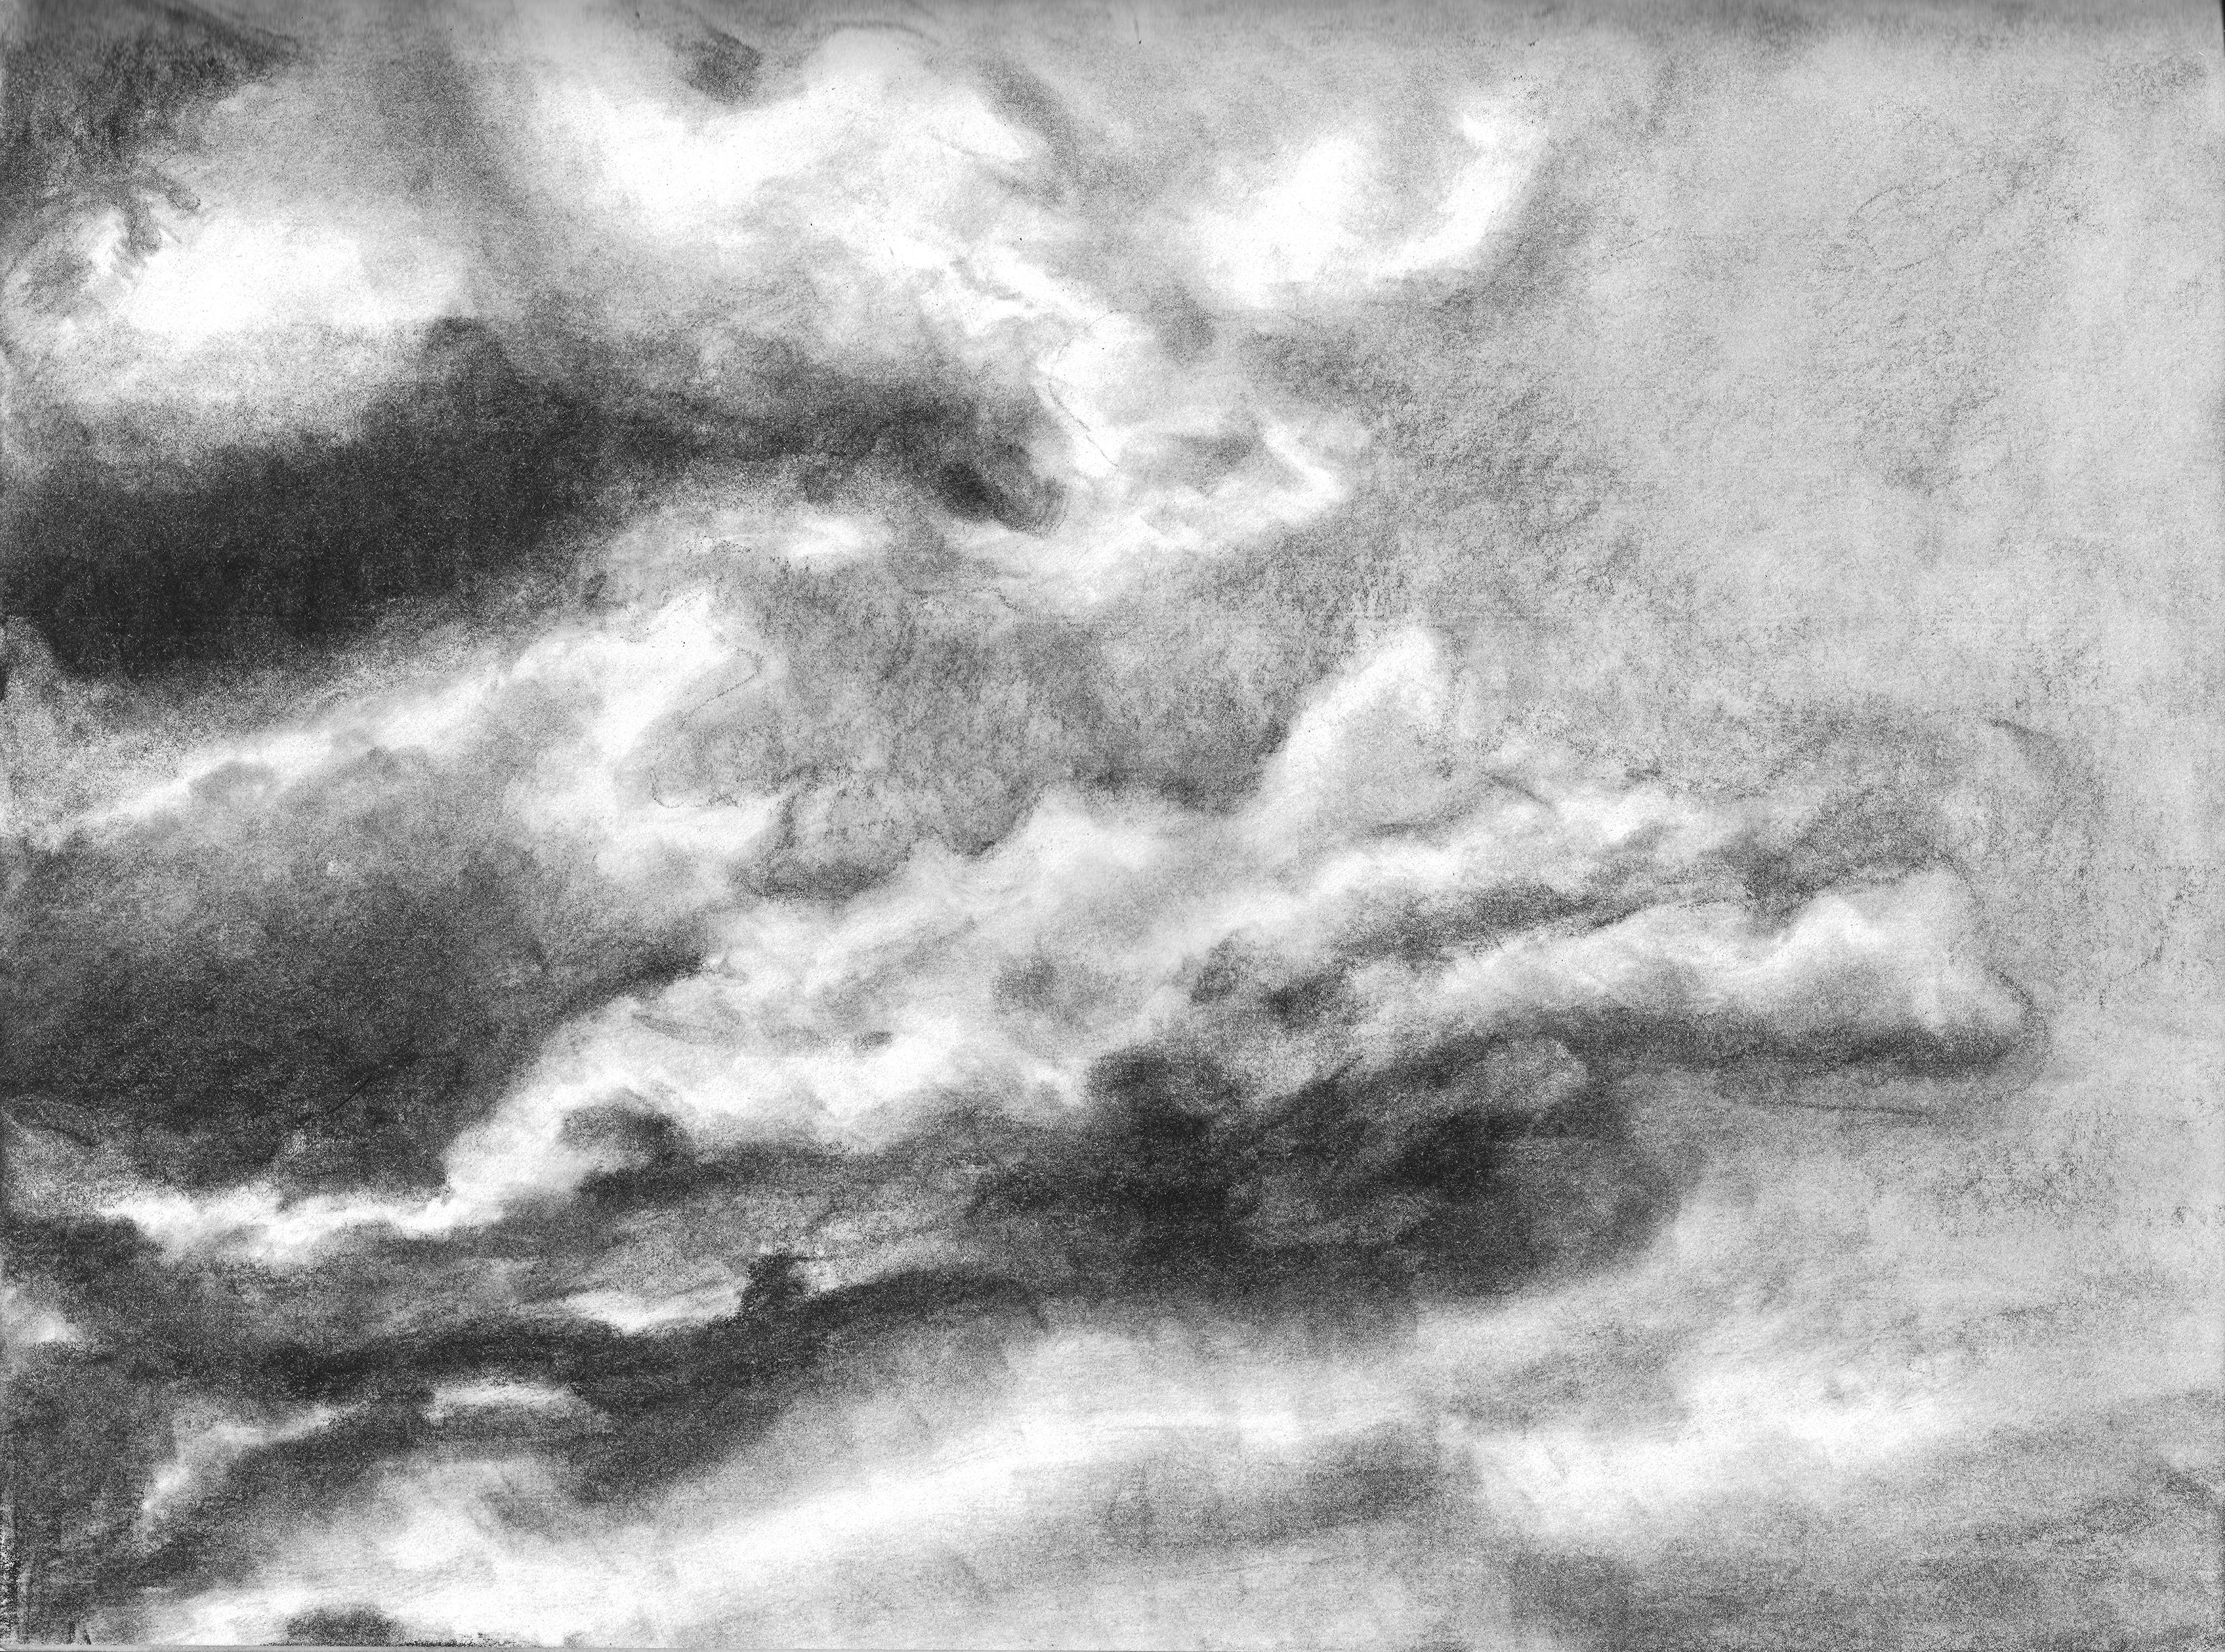 Cloud Book #4